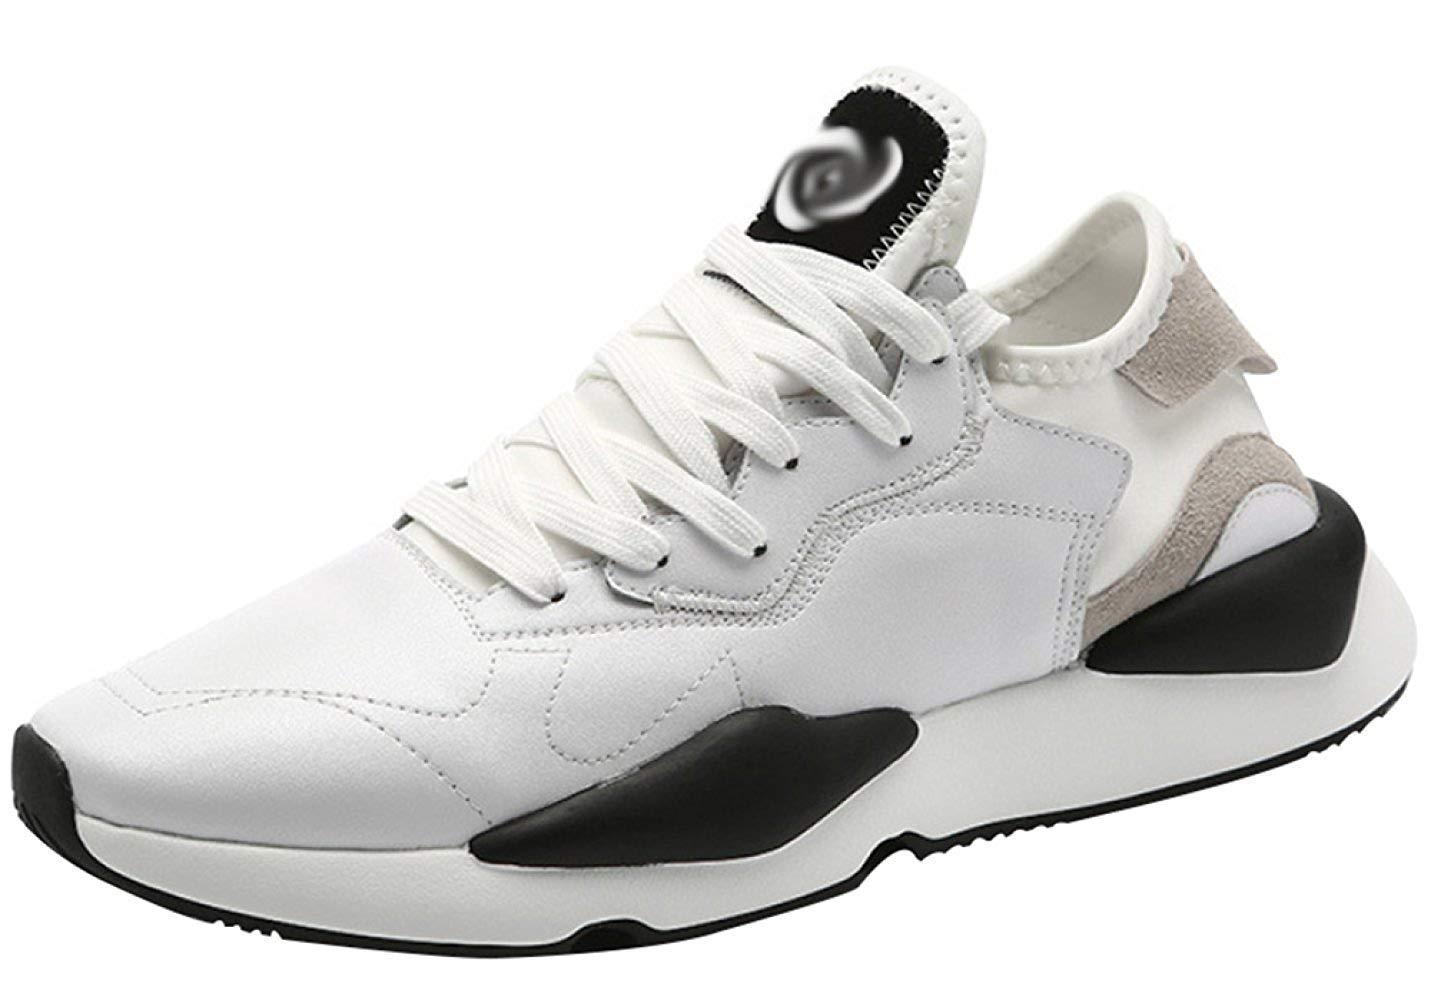 Männer Und Frauen Mode Sportschuhe Laufschuhe Atmungsaktiv Mesh Paar Schuhe Fitness Schuhe (Farbe   Female4, Größe   36EU)